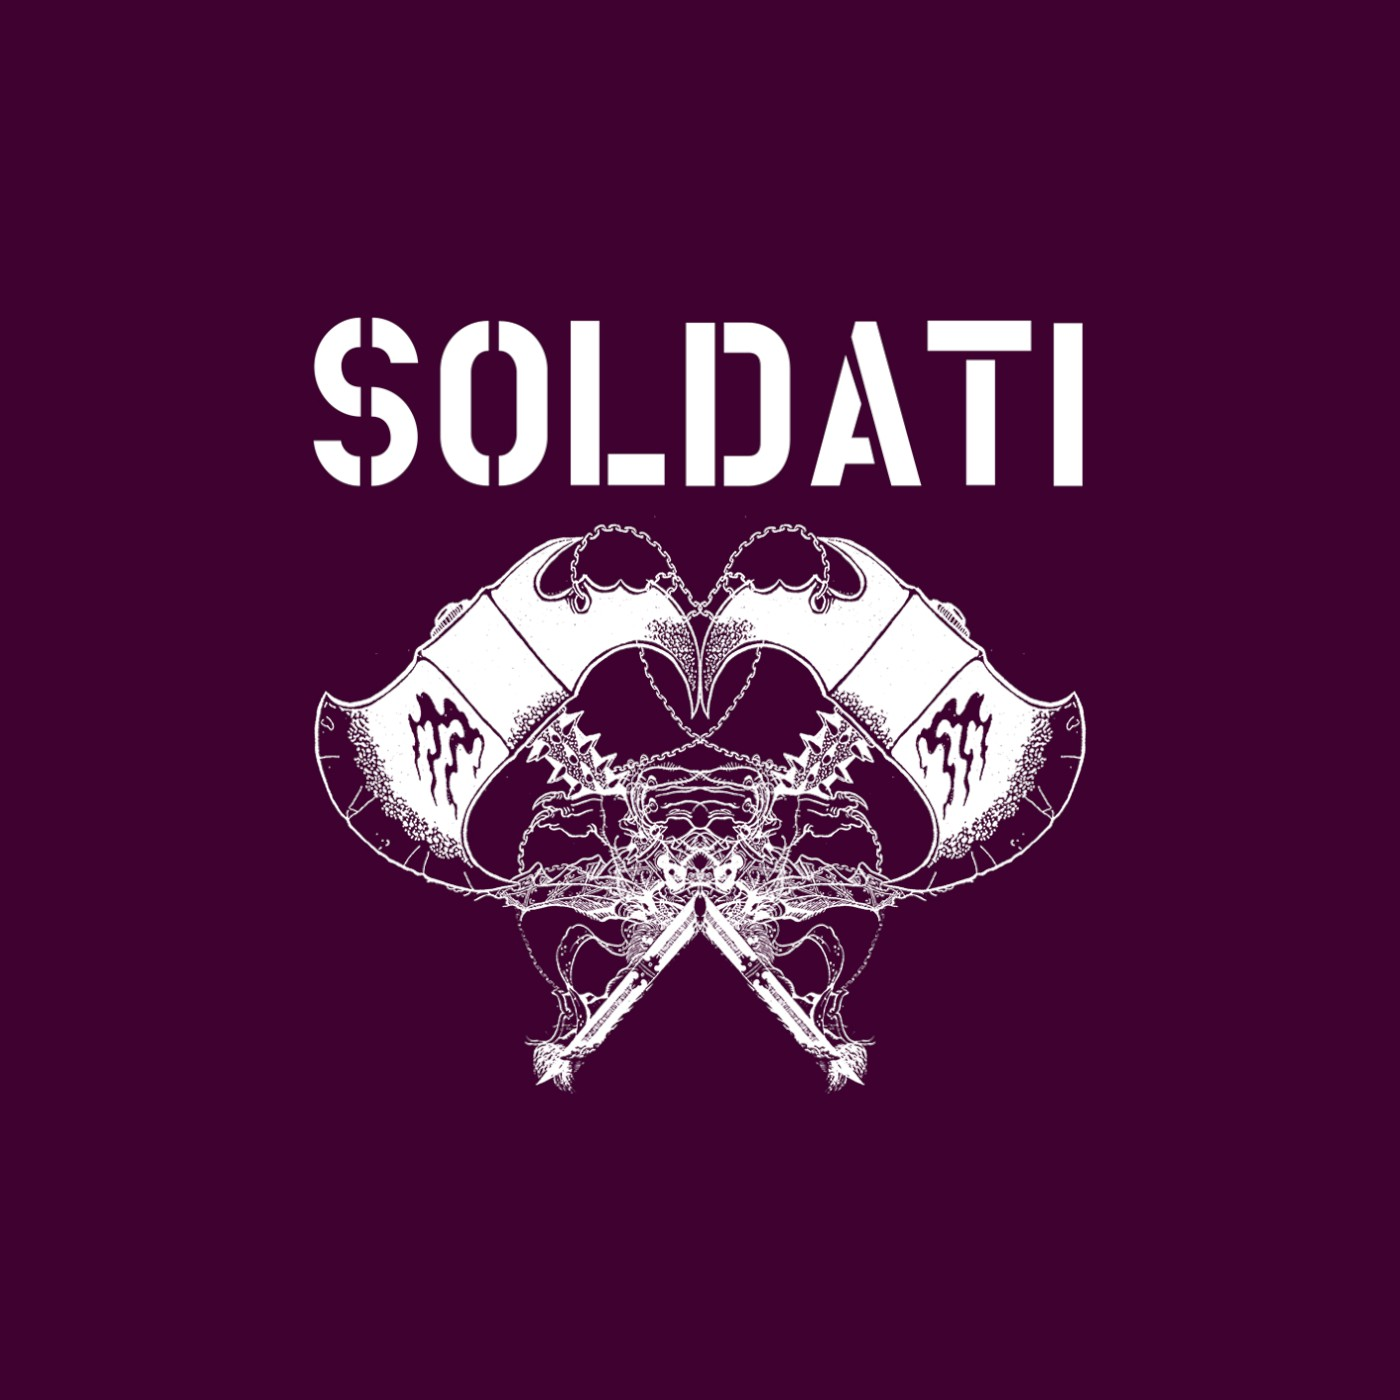 soldati soldati